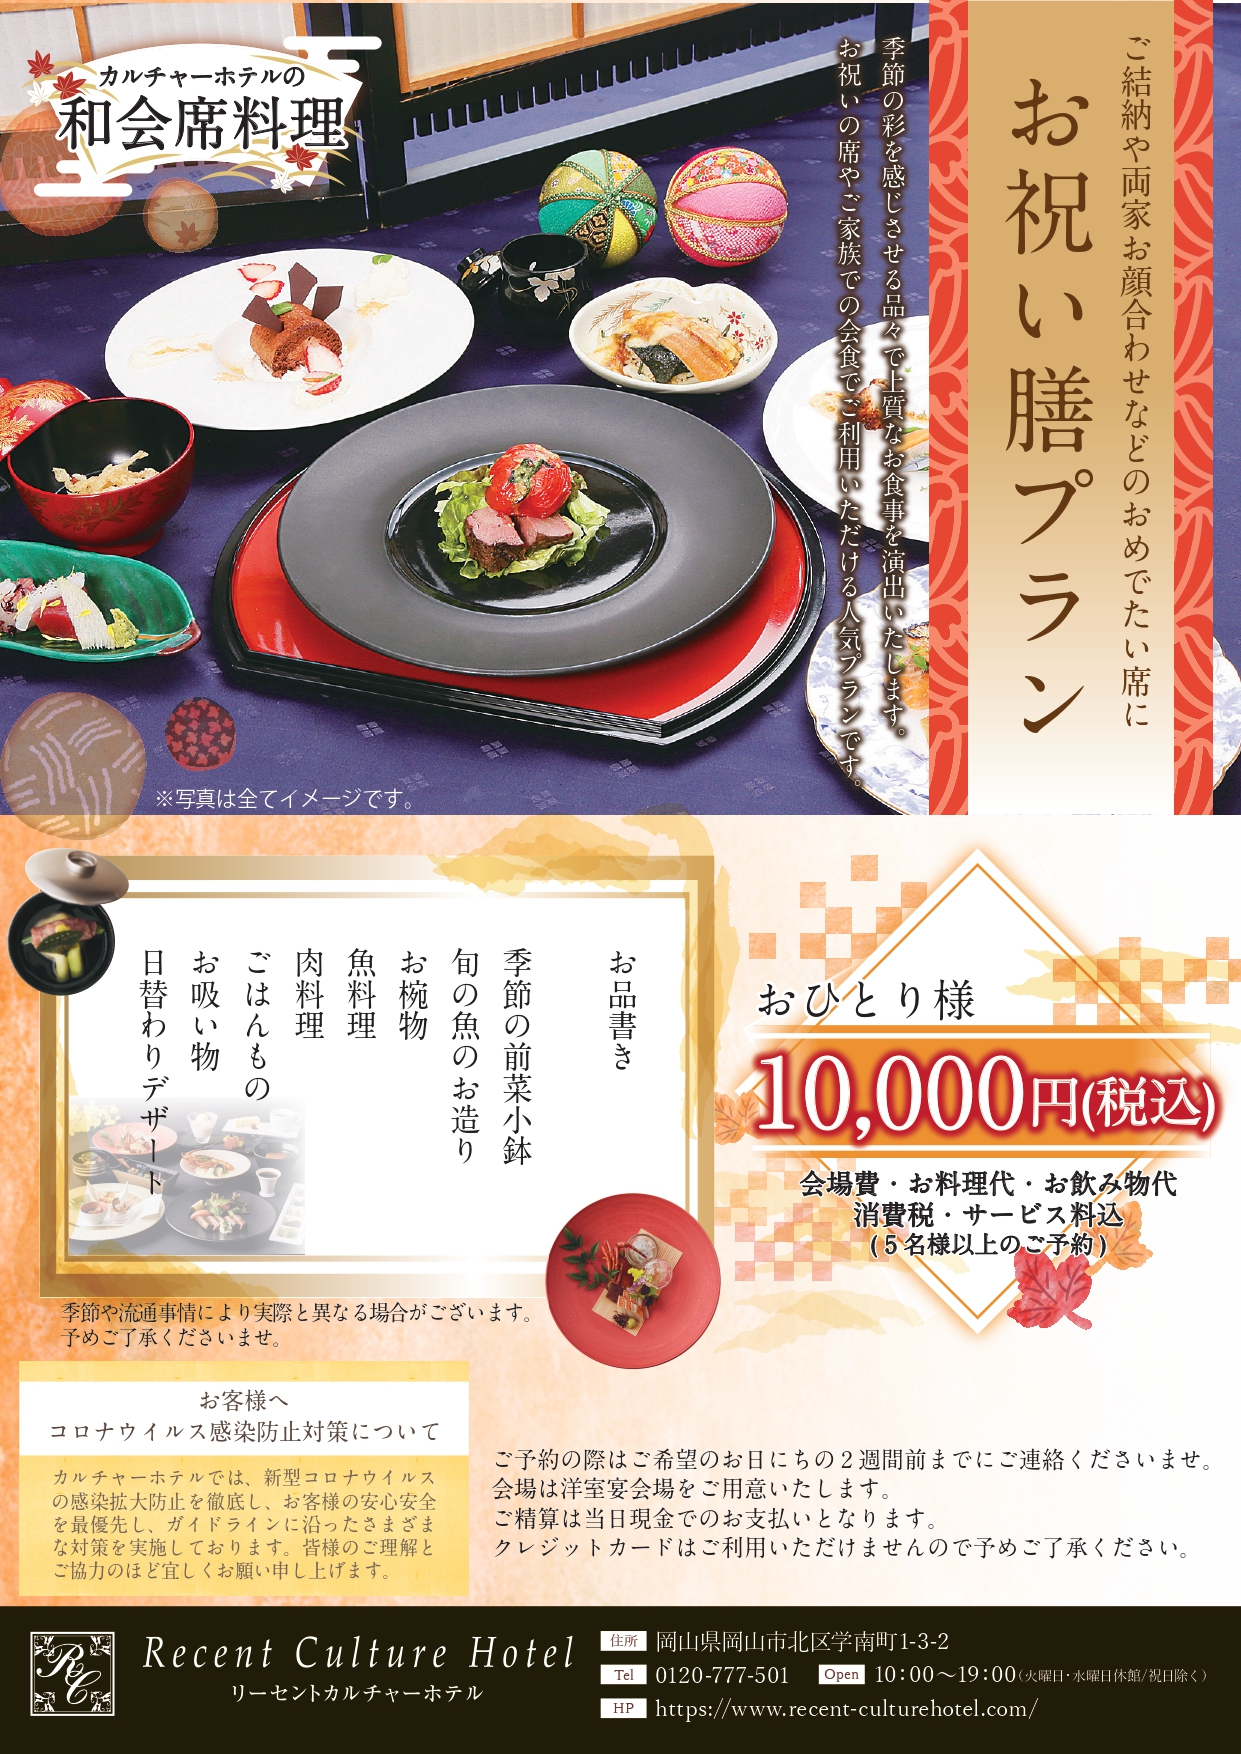 お祝い膳プランチラシ_page-0001.jpg